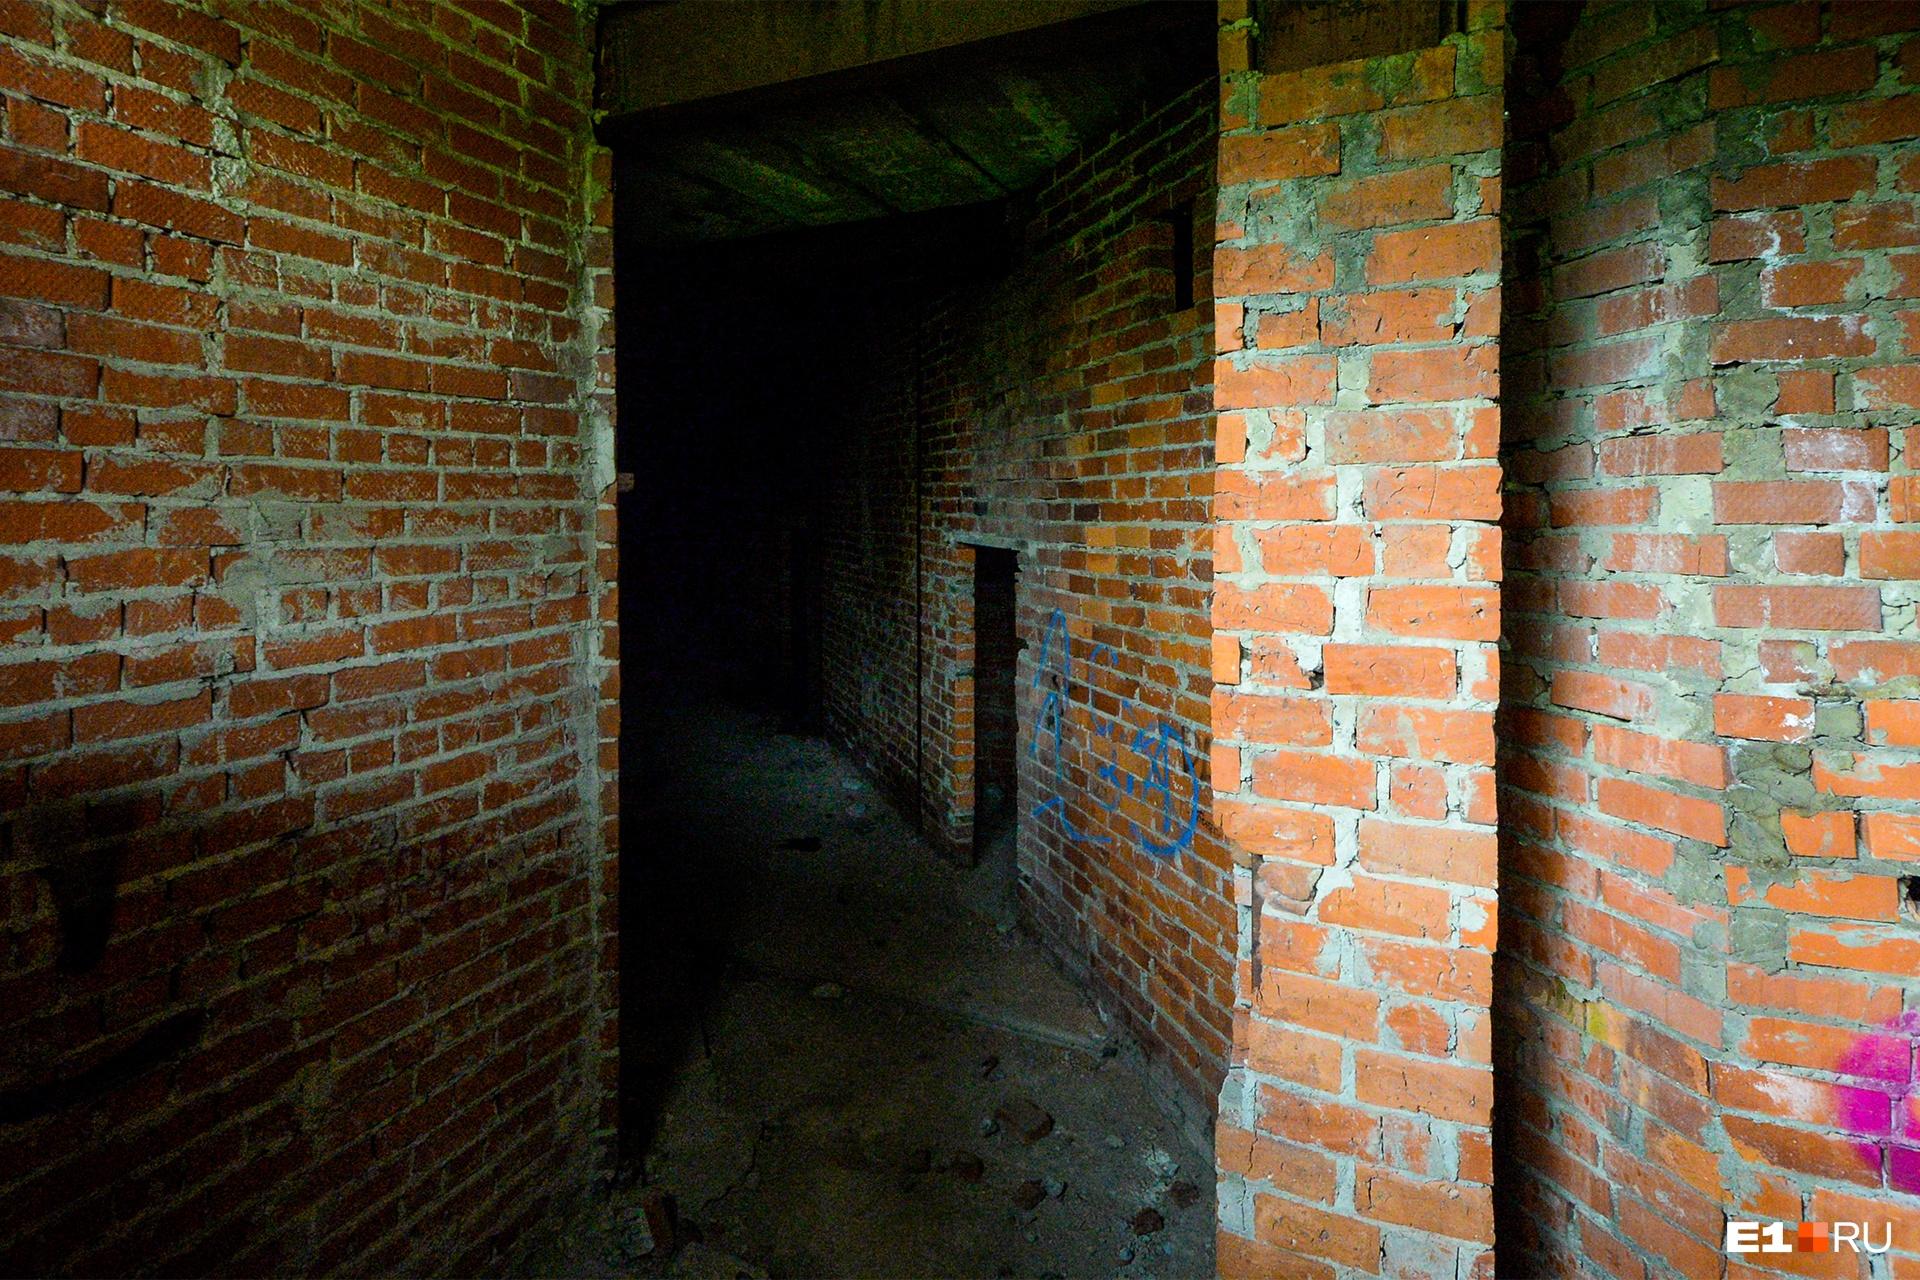 Тоннель, по которому мы не стали идти: торопились осмотреть все этажи, пока нас не застукали